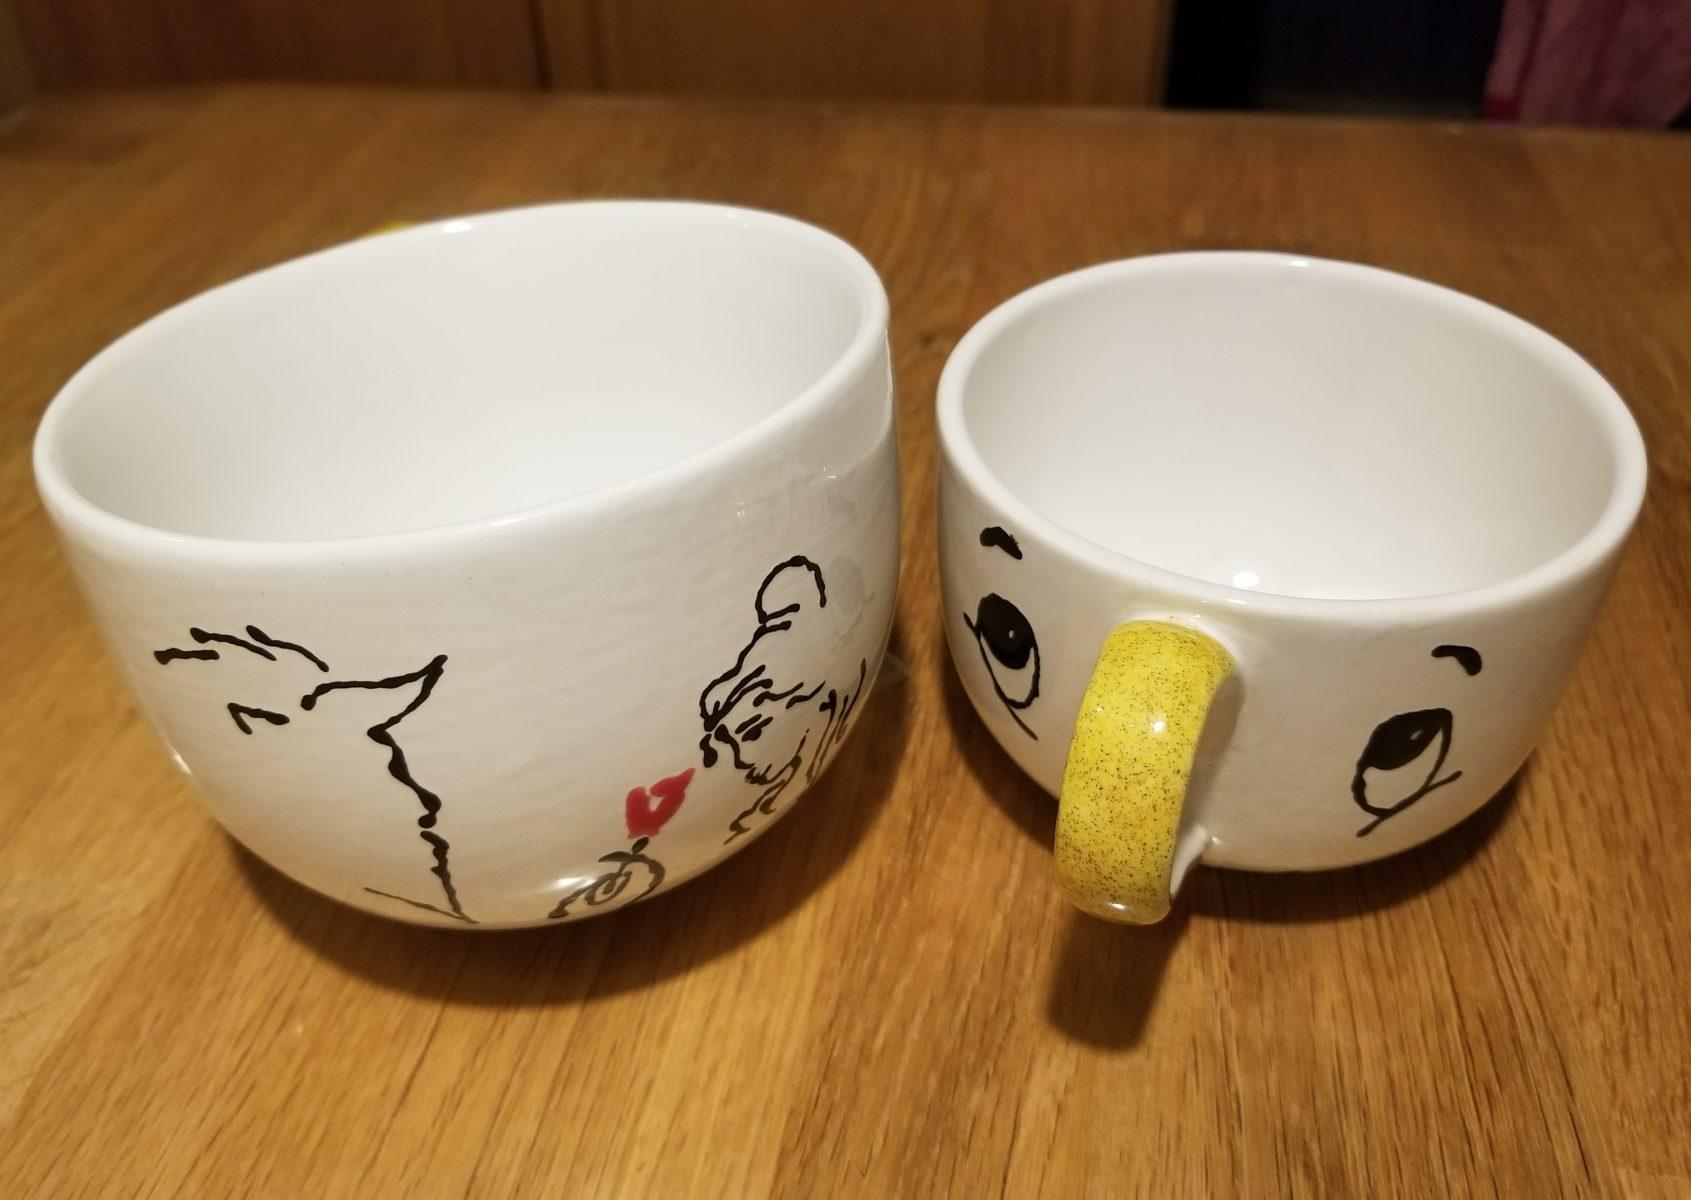 Keramik Keffeetassen Die Schöne und das Biest